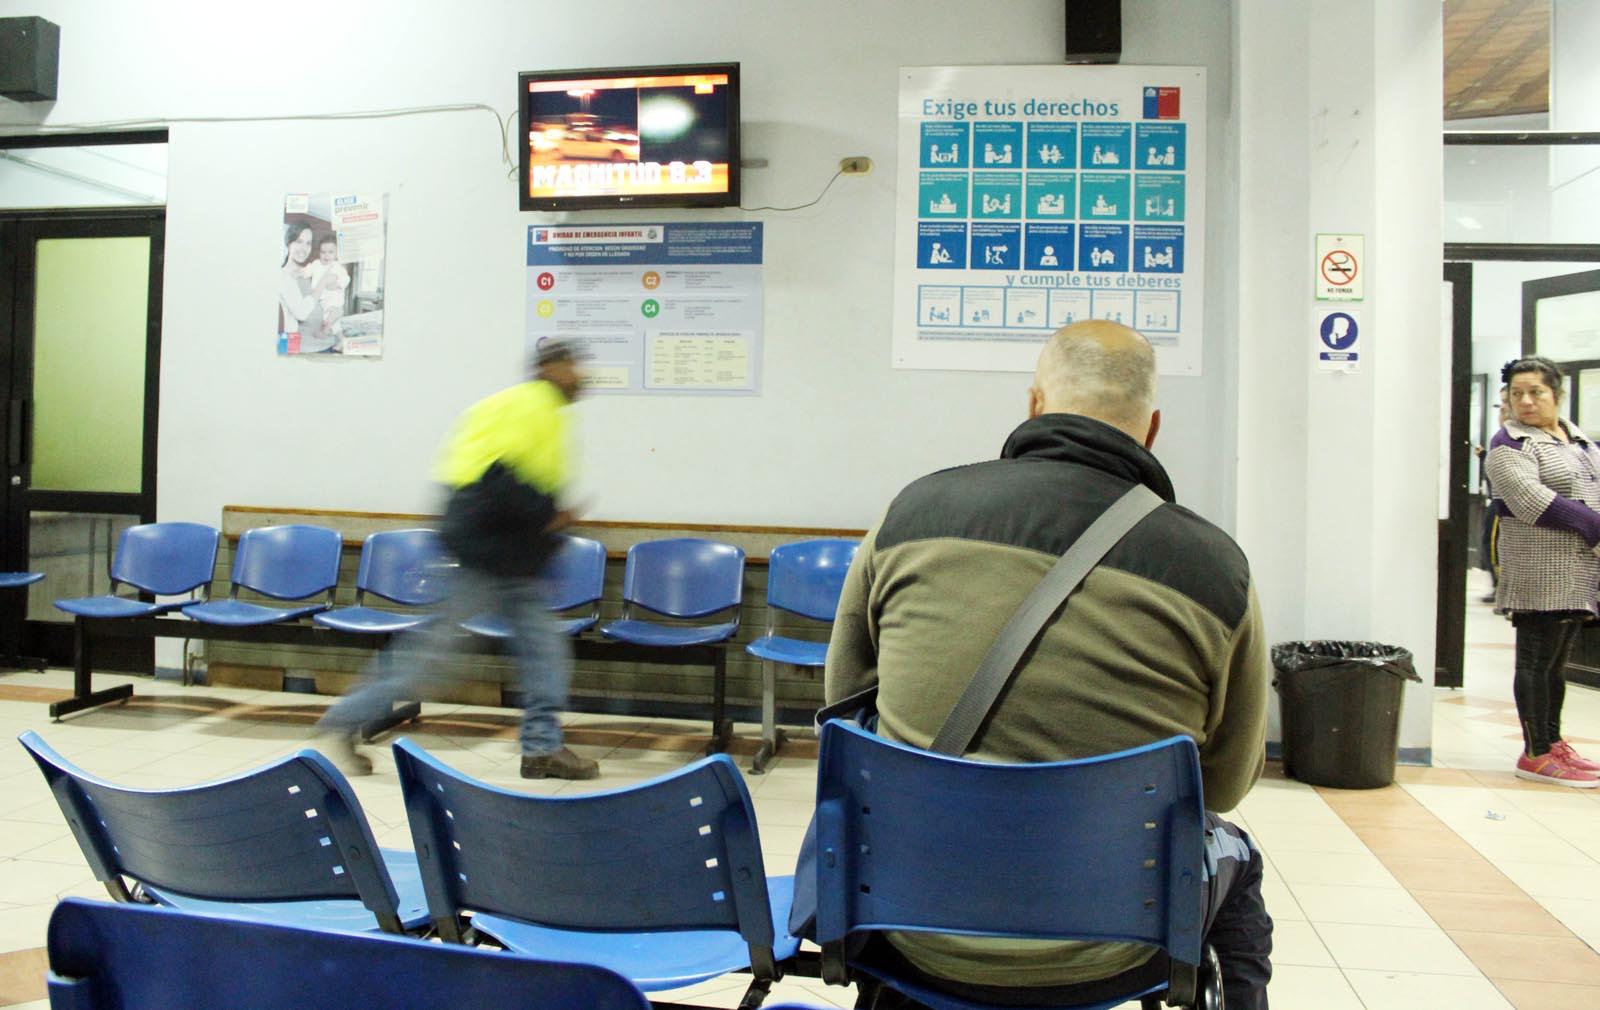 La posta infantil del hospital Van Buren quedó vacía tras la evacuación.